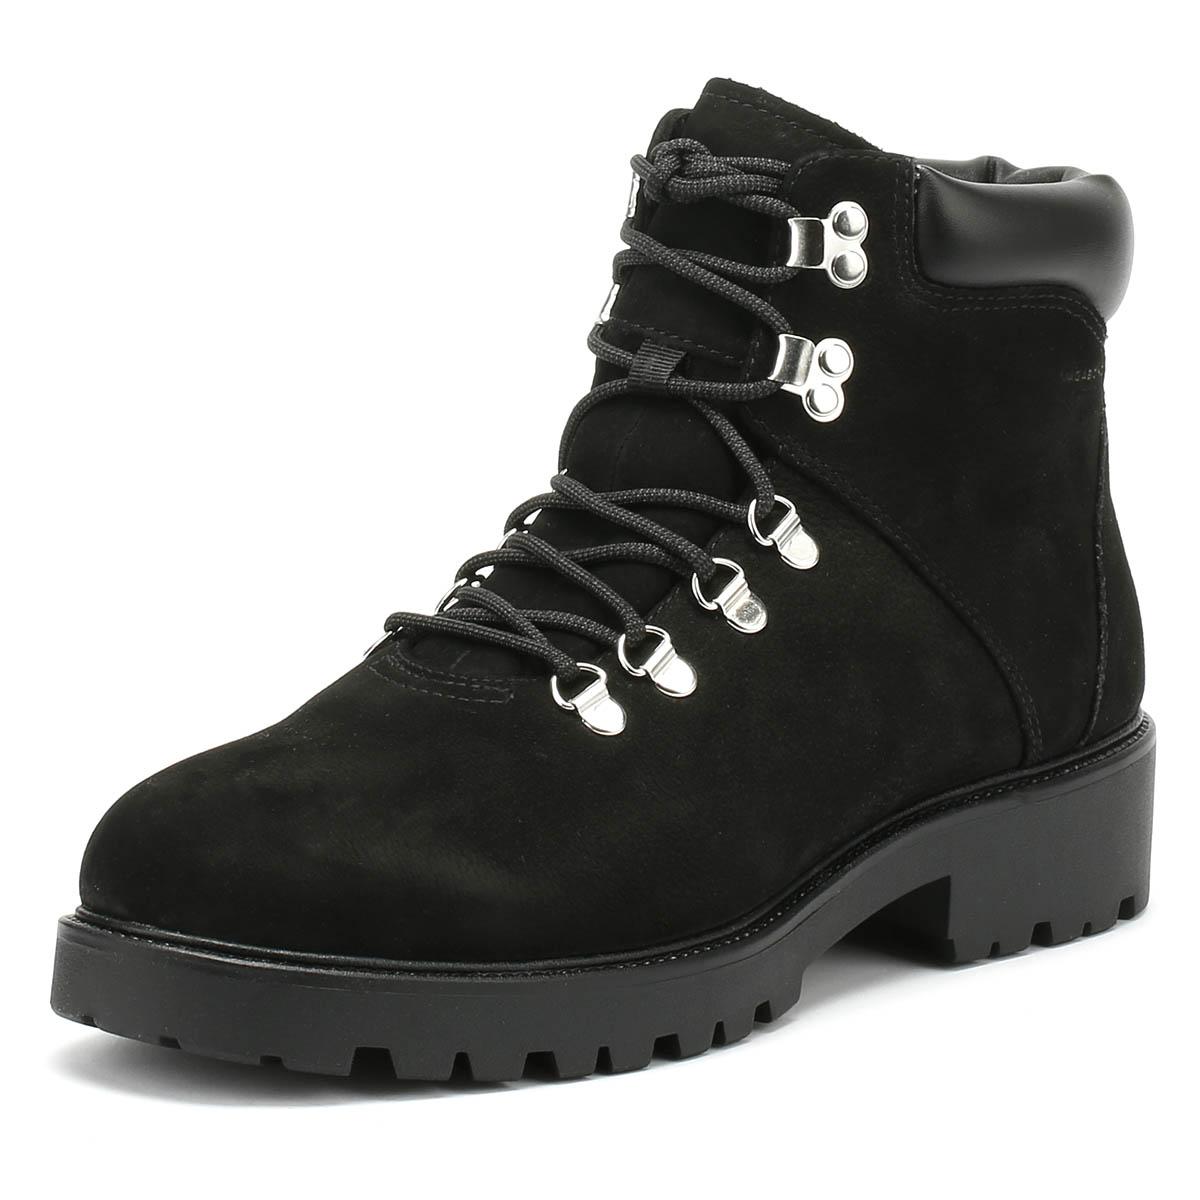 Vagabond Mujeres Cuero Nobuck Negro Kenova botas De Invierno Zapatos Con Cordones